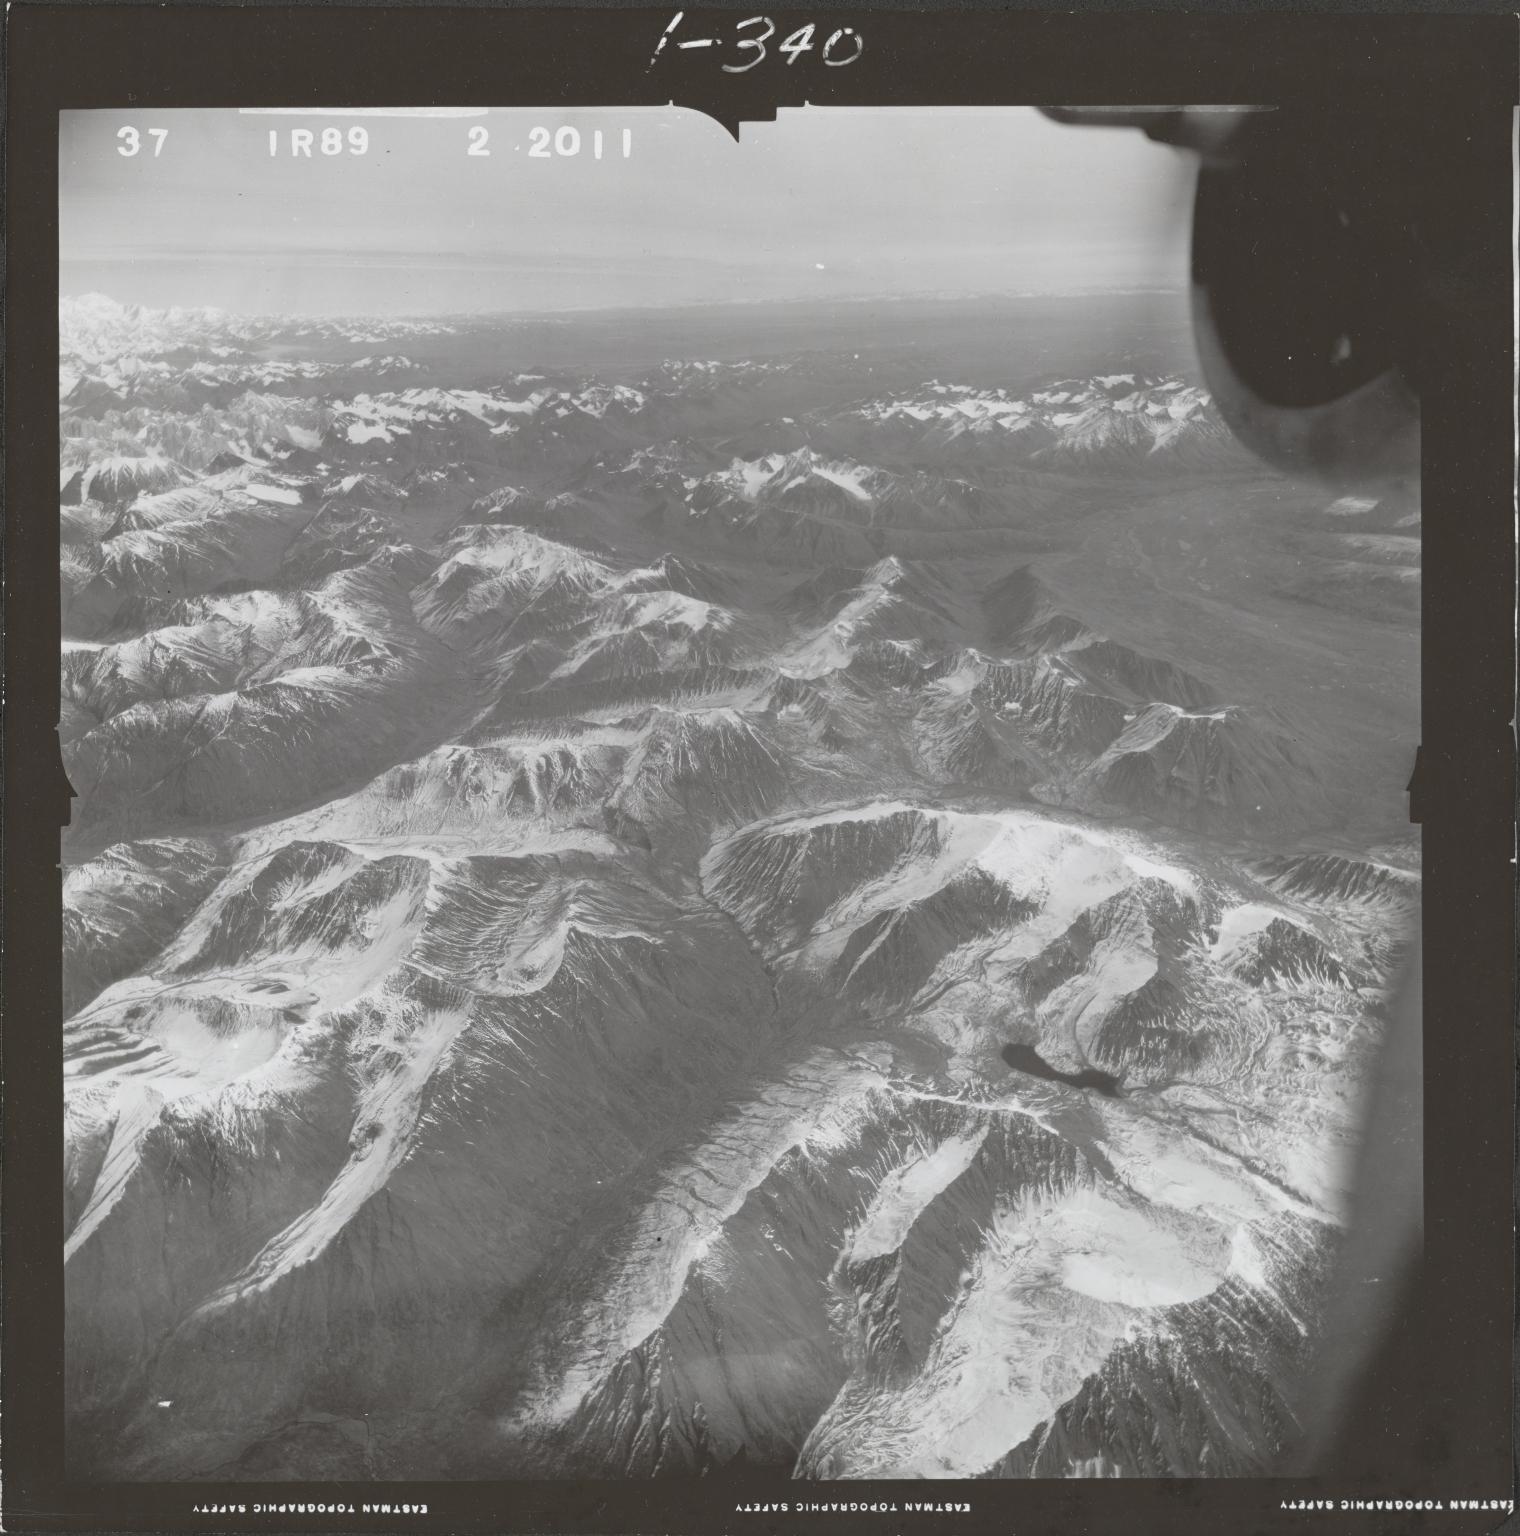 Skwentna River, aerial photograph FL 68 R-89, Alaska